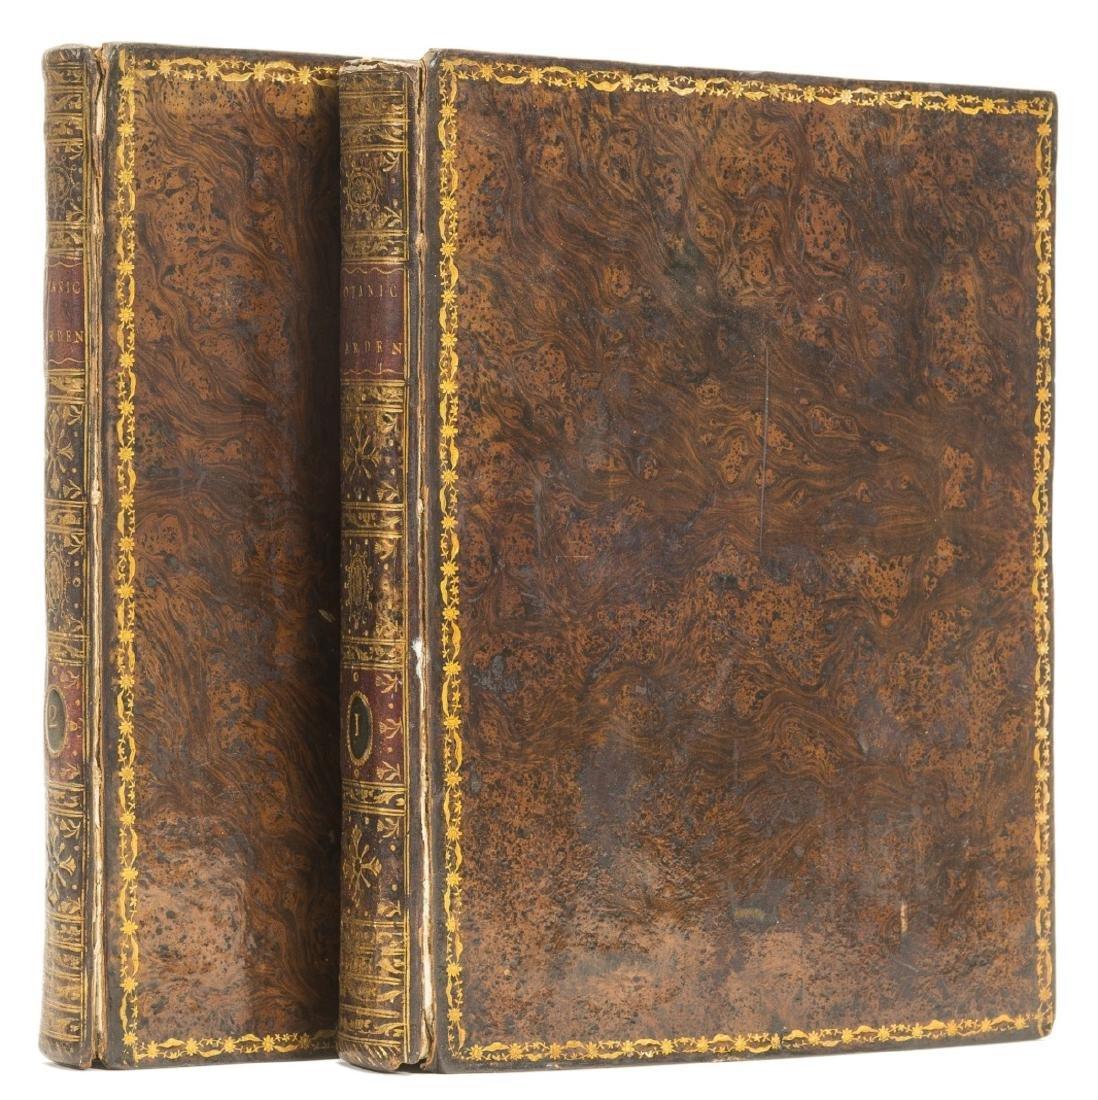 Darwin (Erasmus) The Botanic Garden, 2 vol., first